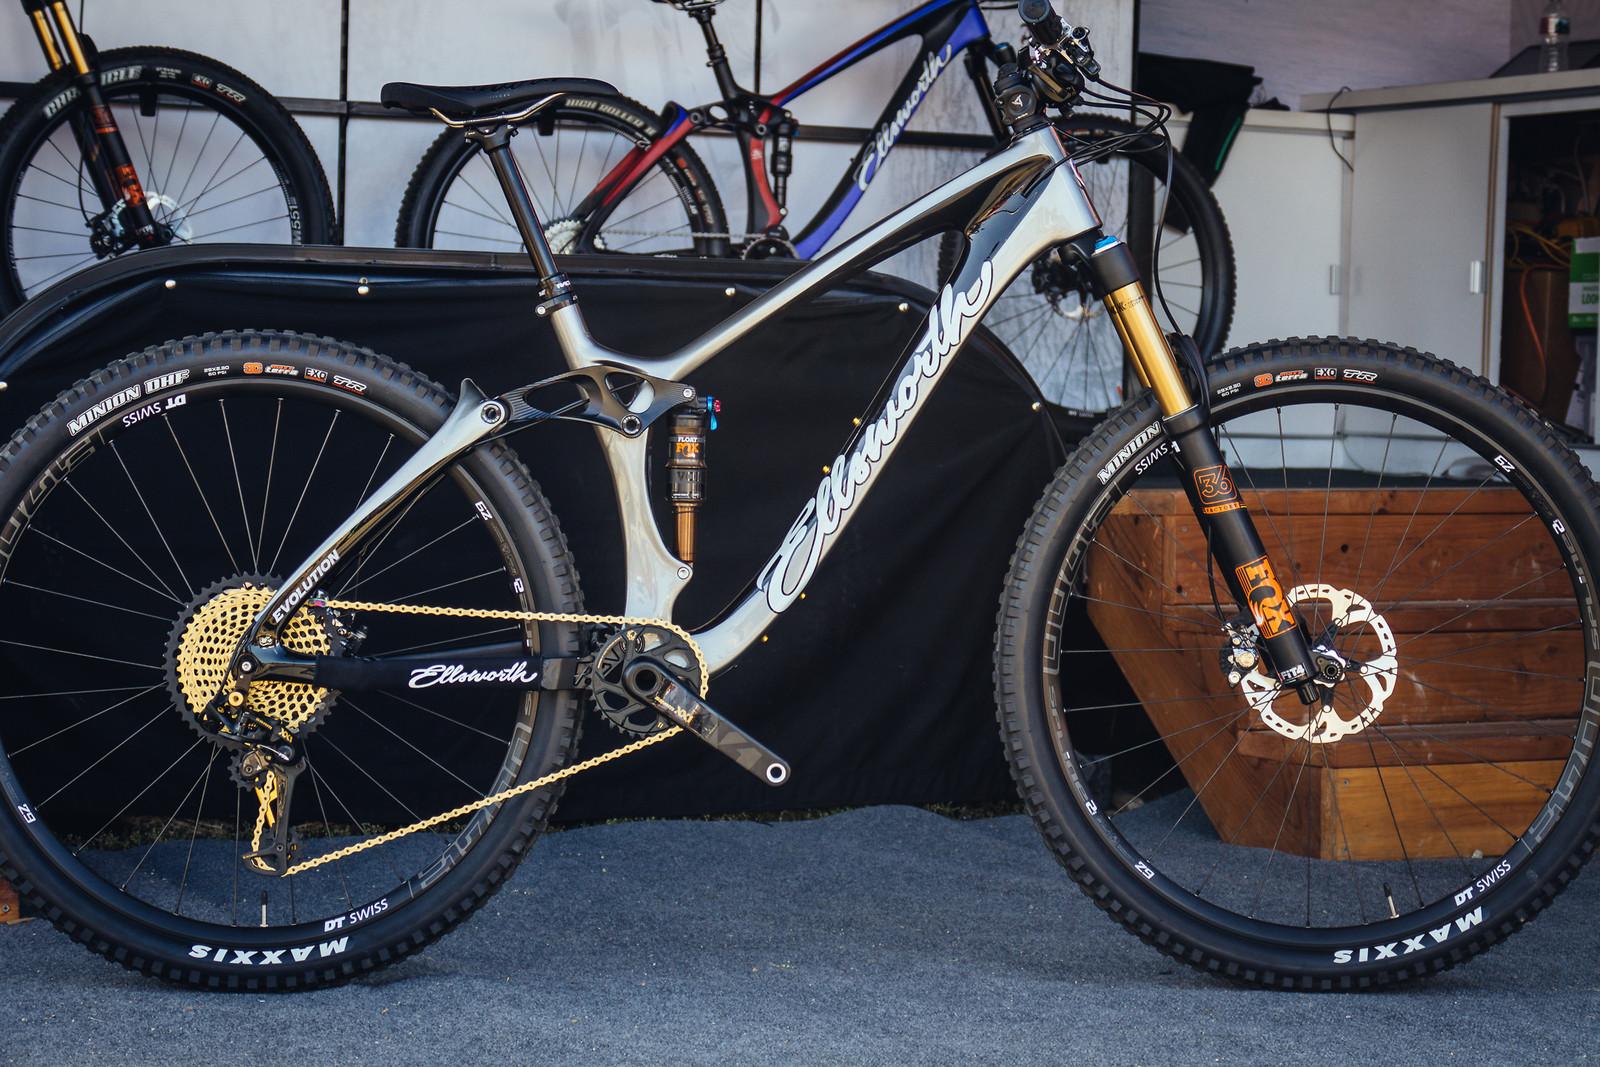 2018 Ellsworth Evolution 29er - FredLikesTrikes - Mountain Biking Pictures - Vital MTB